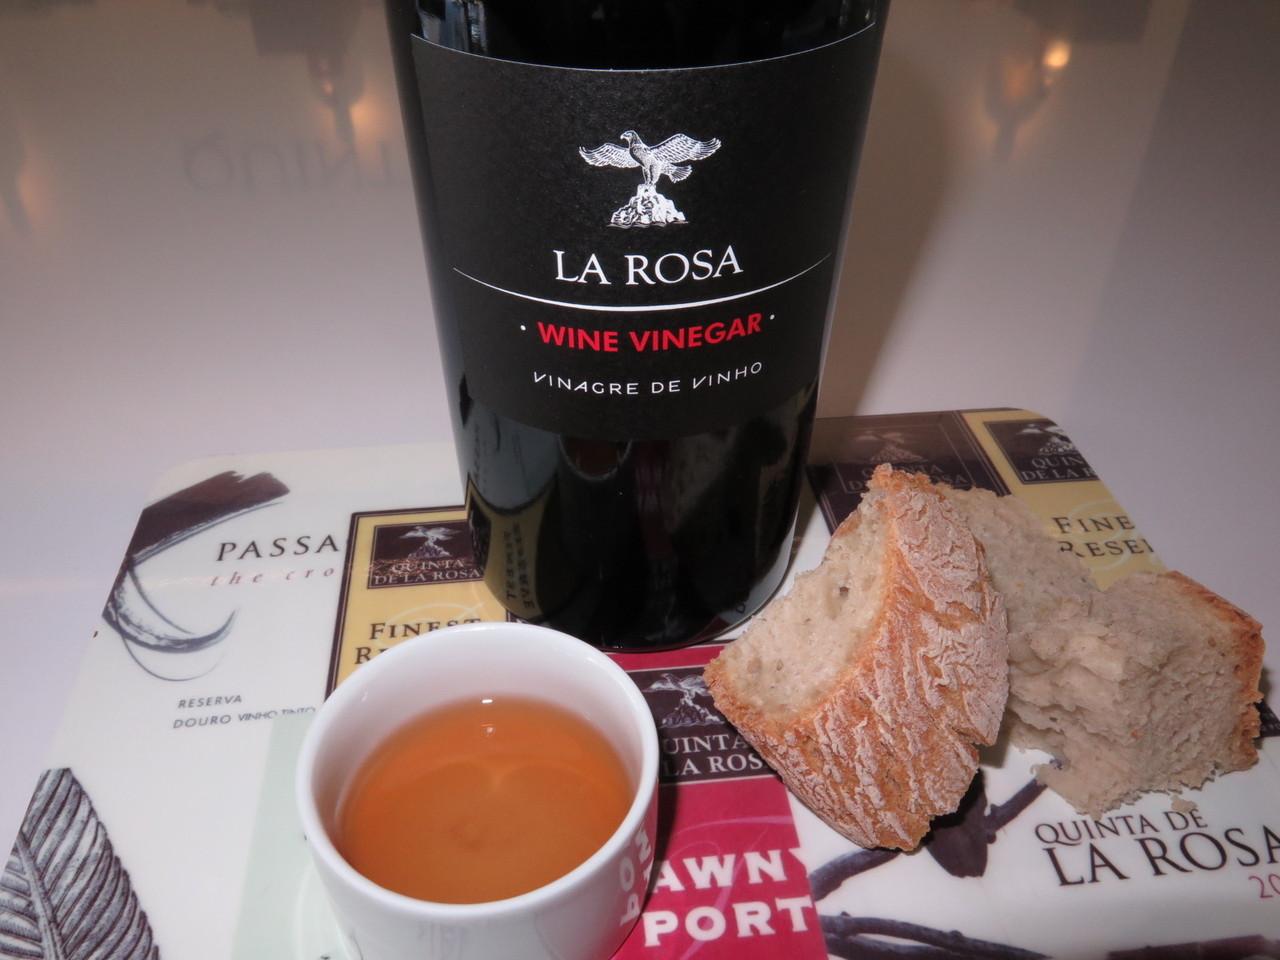 Vinagre de Vinho La Rosa